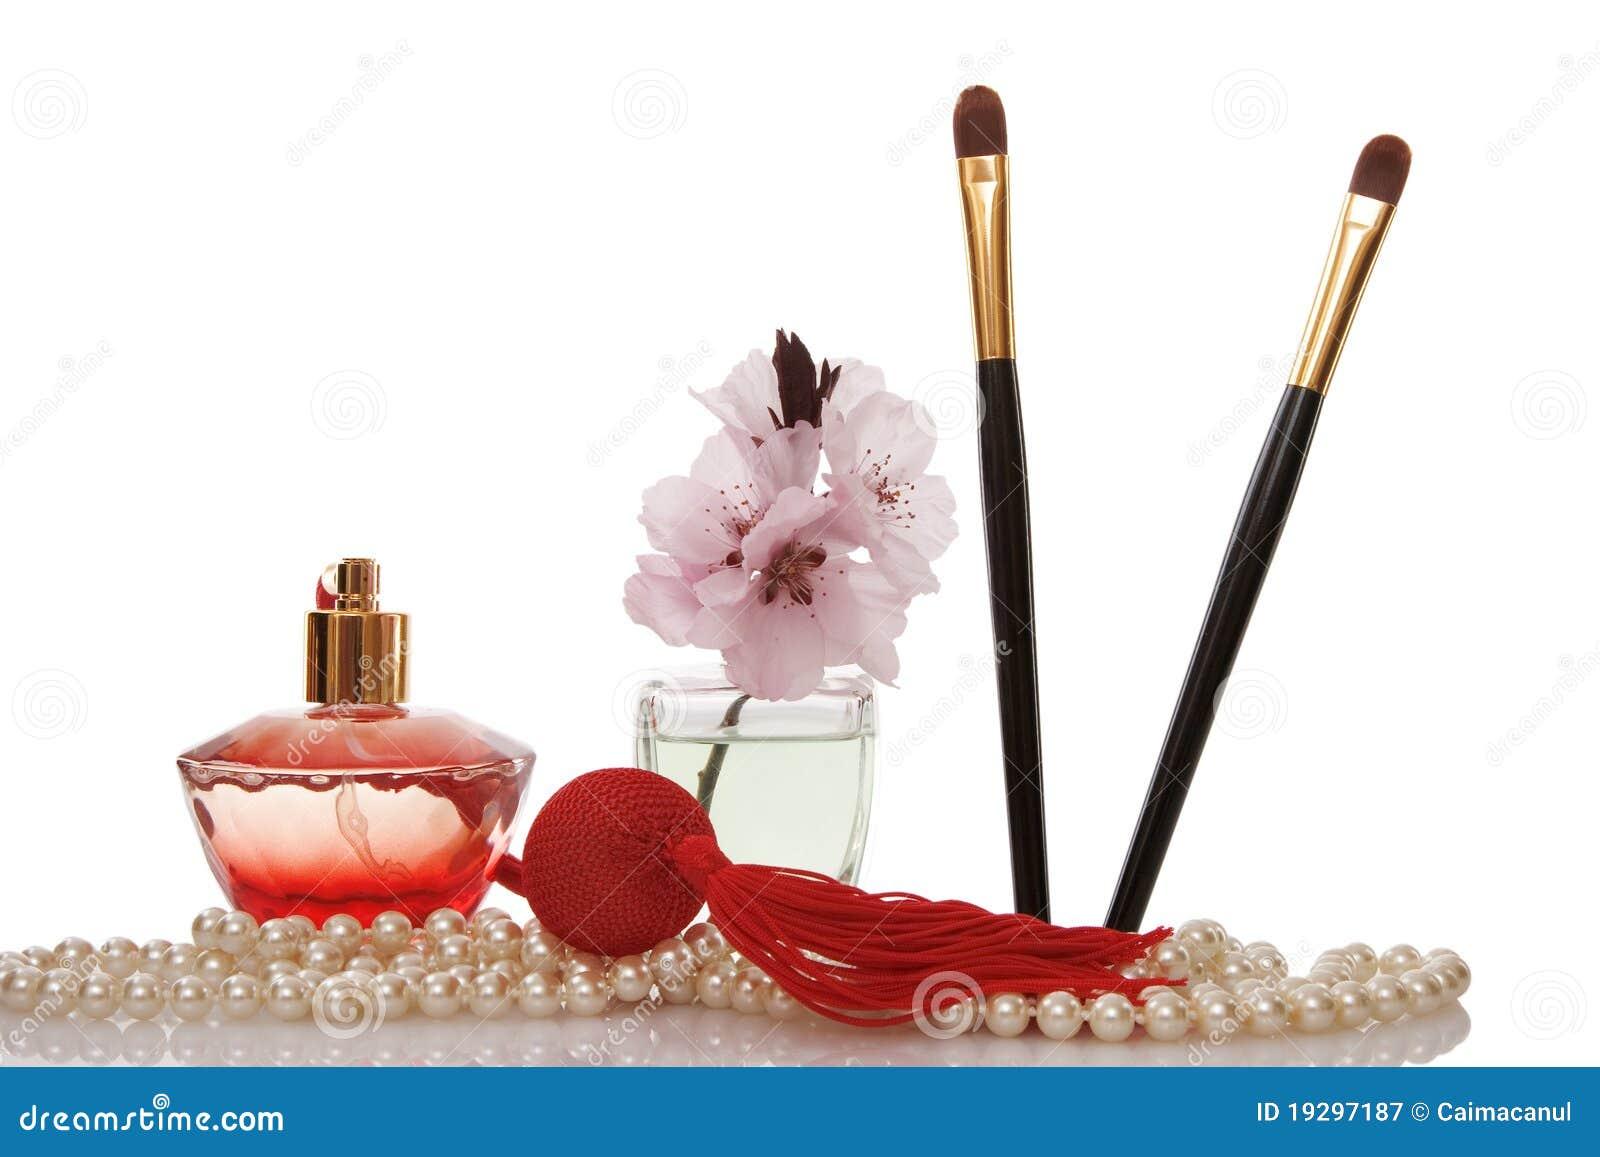 Le perle borda, profumano, una spazzola delle due estetiche